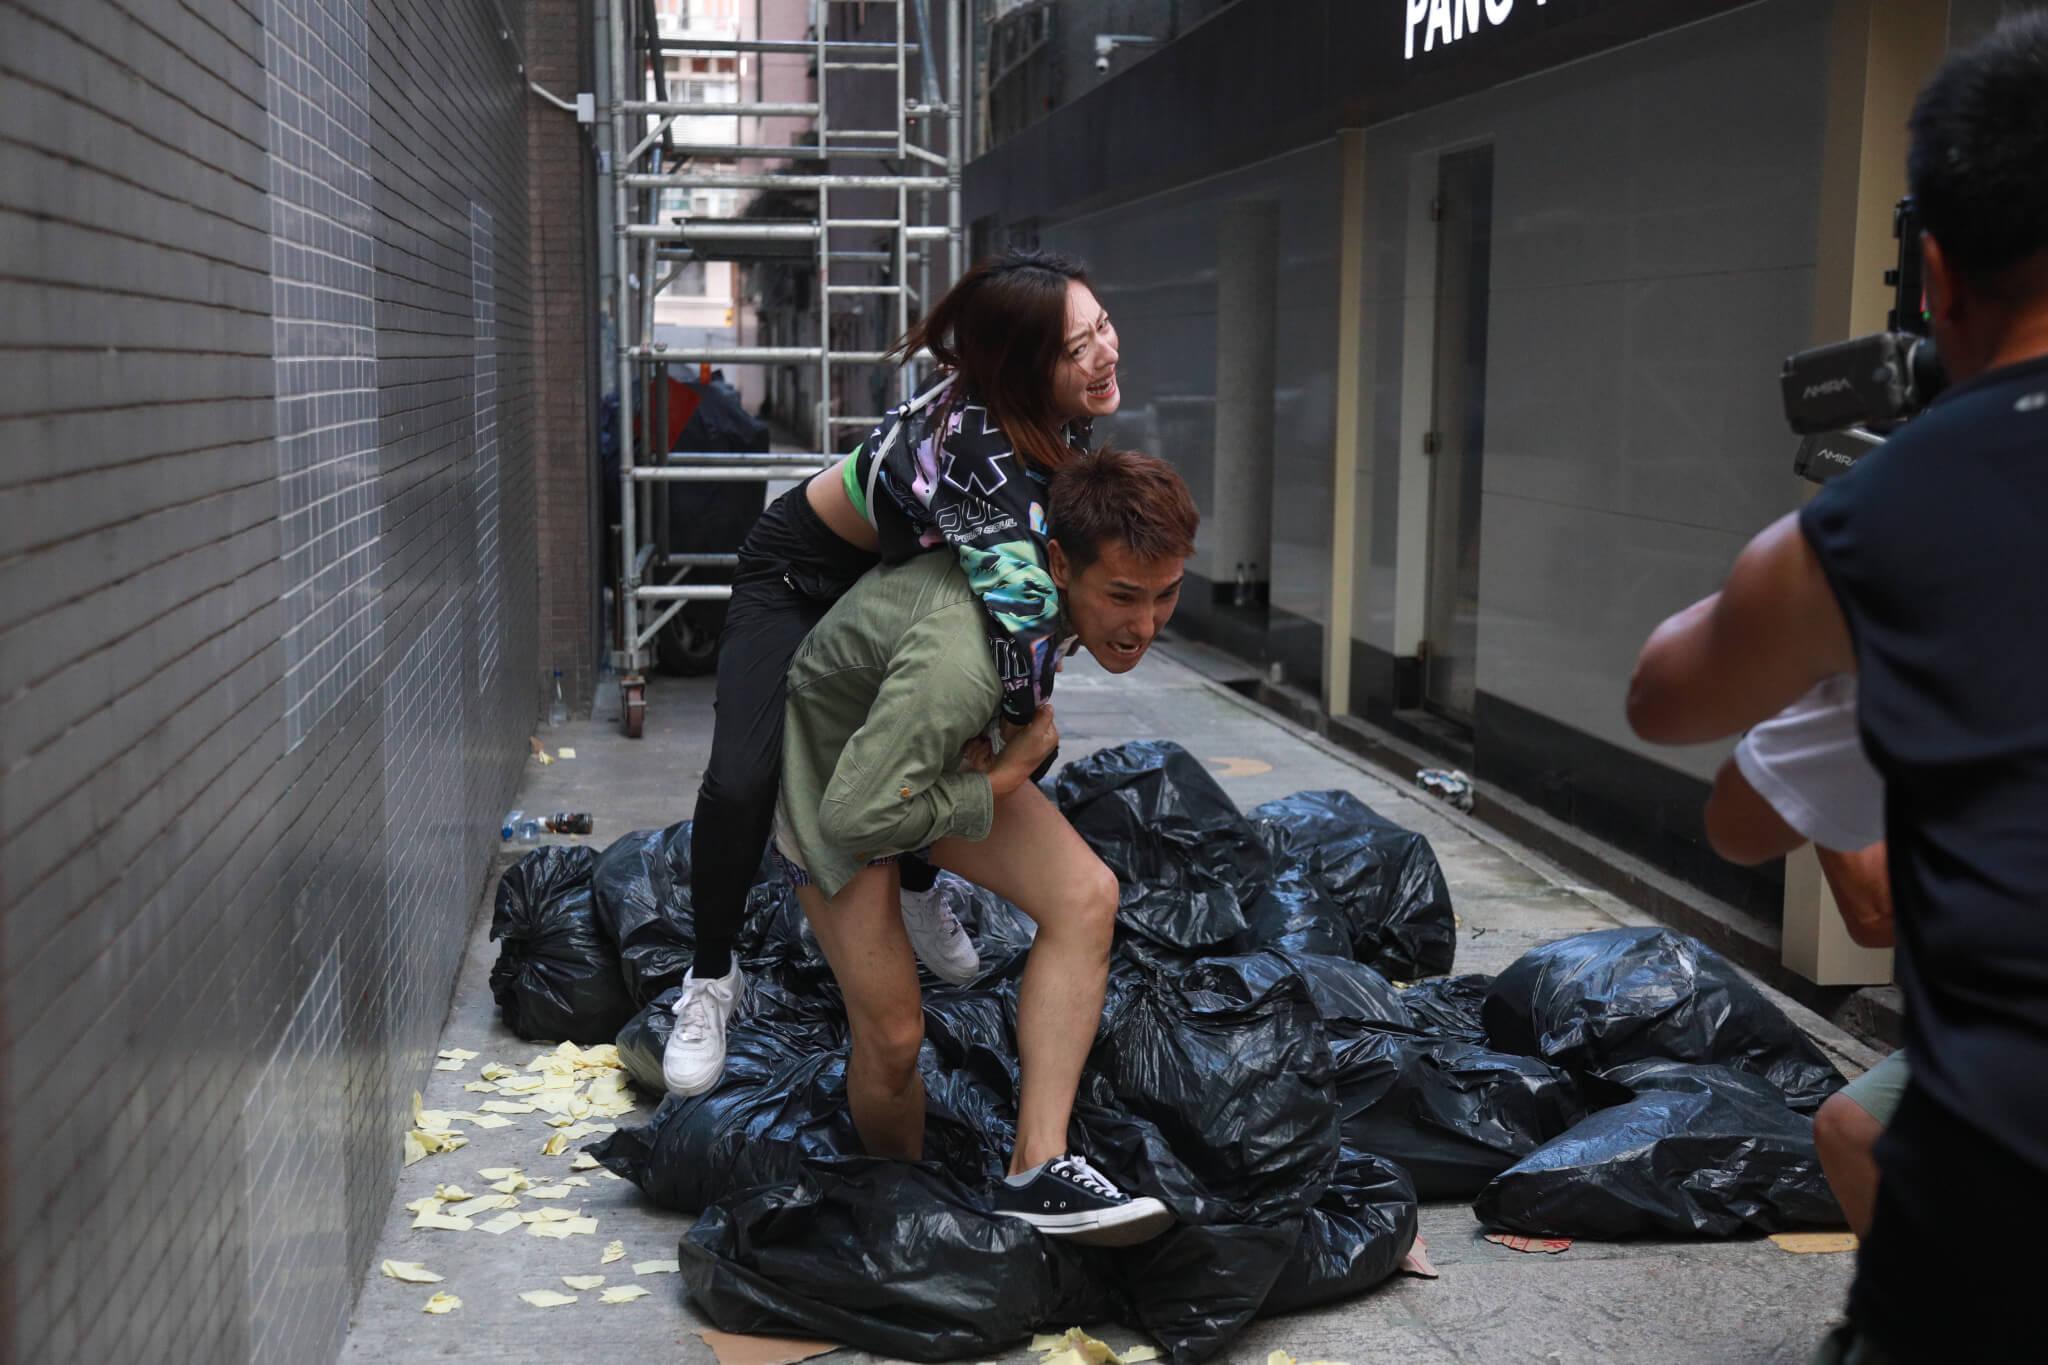 兩人墮樓後,只穿內褲的展鵬隨即孭起詩詠逃跑。